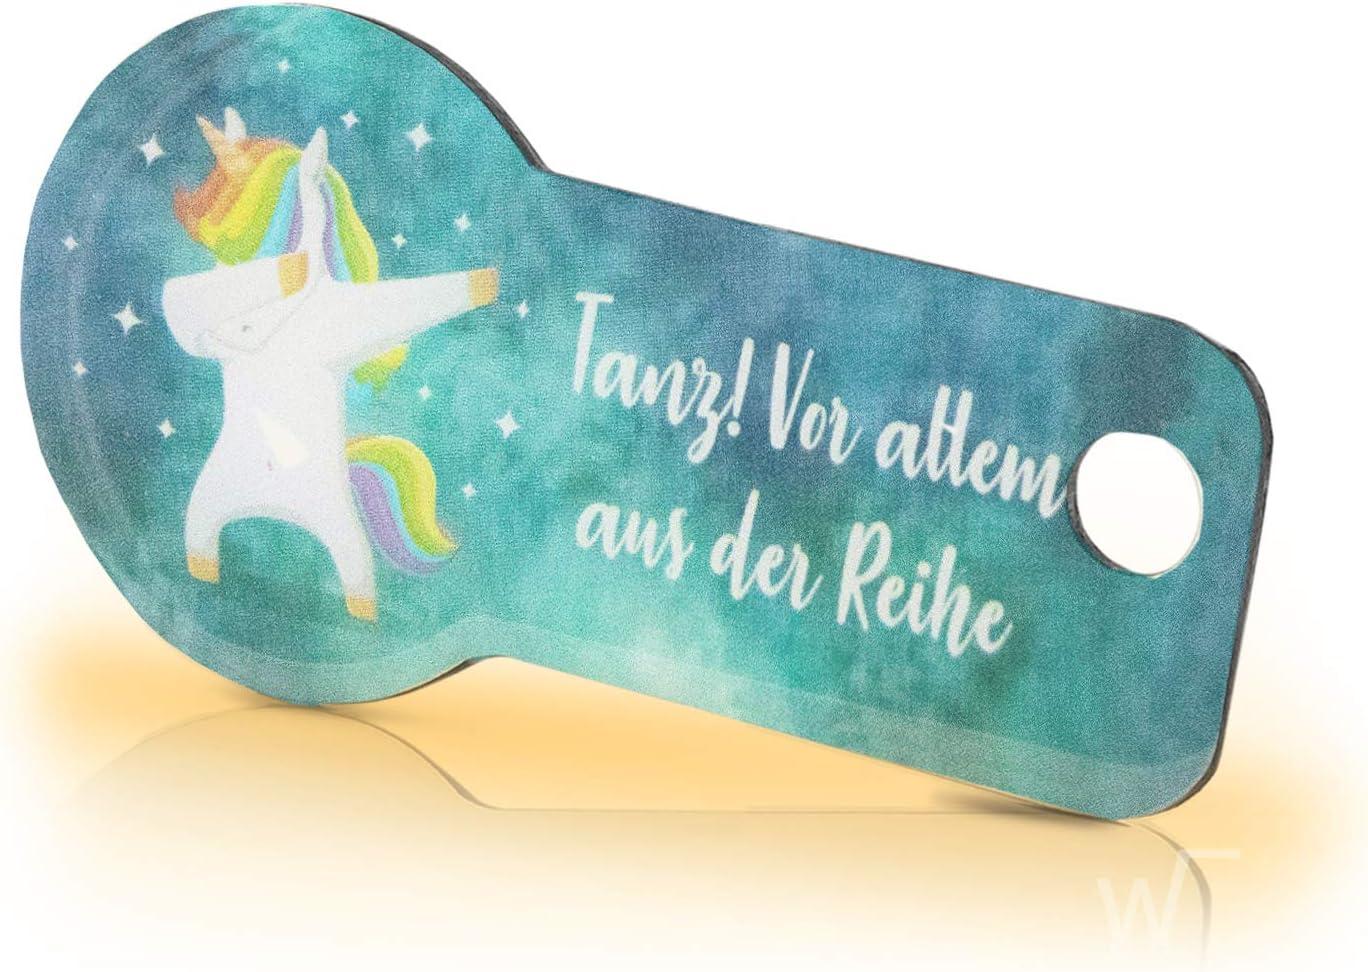 Tanzendes Einhorn Code24 Einkaufswagenlöser Schlüsselanhänger Mit Einkaufschip Schlüsselfinder Inkl Registriercode Für Schlüsselfundservice Einkaufswagenchip Mit Profiltiefenmesser Key Finder Baumarkt